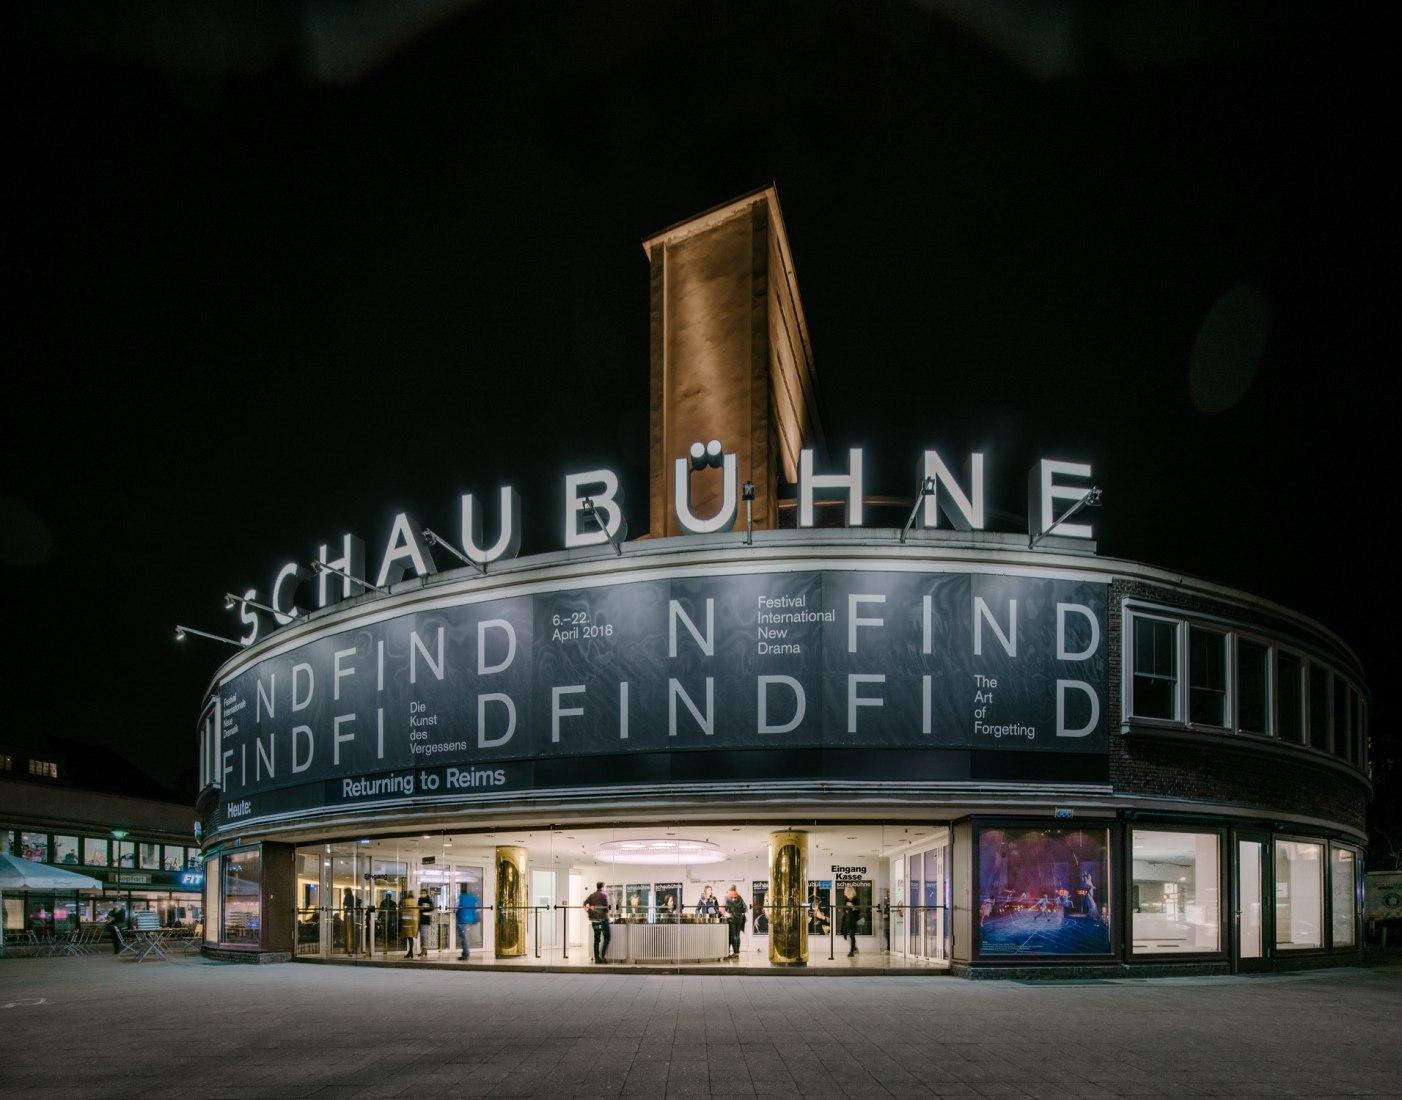 Vista exterior nocturna. Renovación de la zona de recepción del Schaubühne Berlín by Barkow Leibinger. Fotografía por Simon Menges